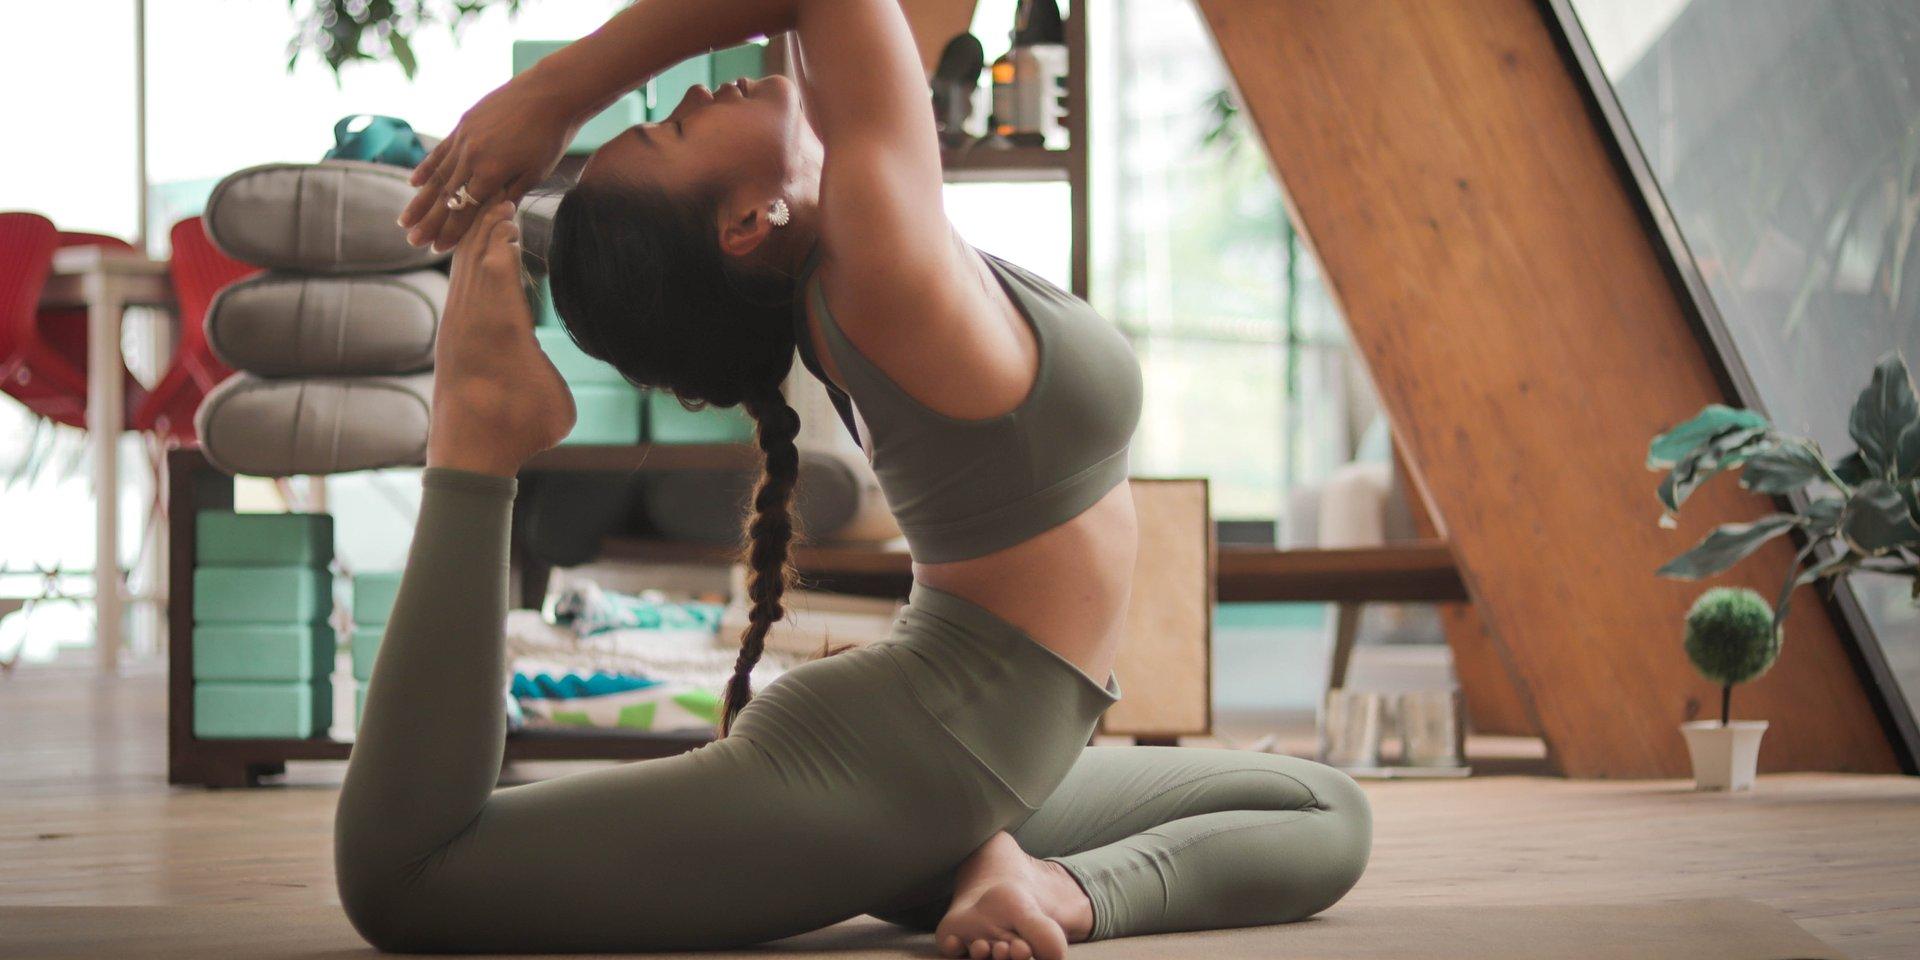 Praticare yoga fa bene alla vita sessuale: tabù e inibizioni diminuiscono, mentre aumenta l'intensità del piacere, secondo MioDottore